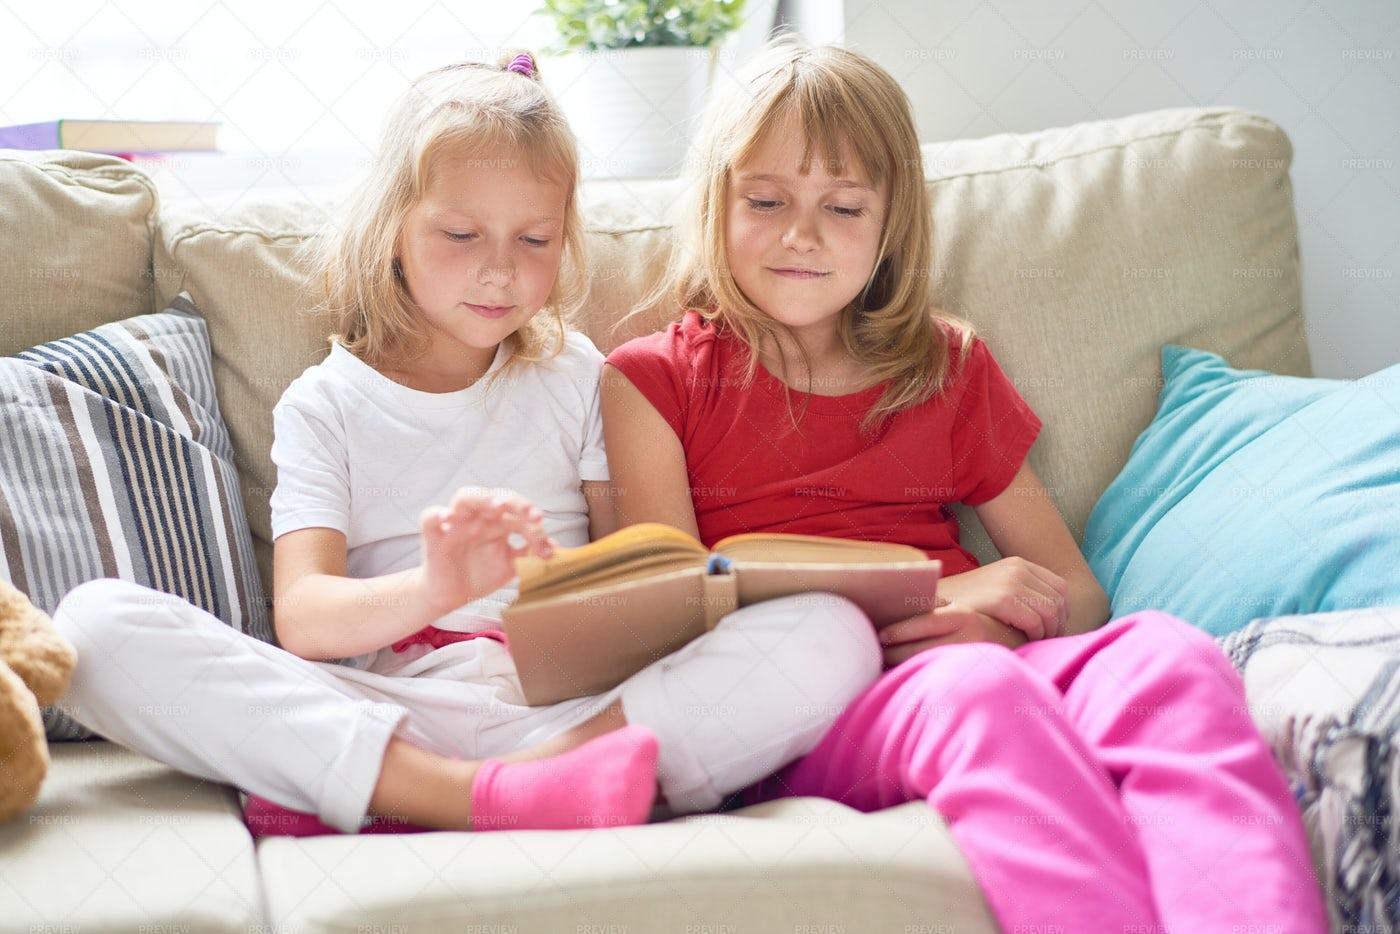 Little Girls Aspiring After...: Stock Photos